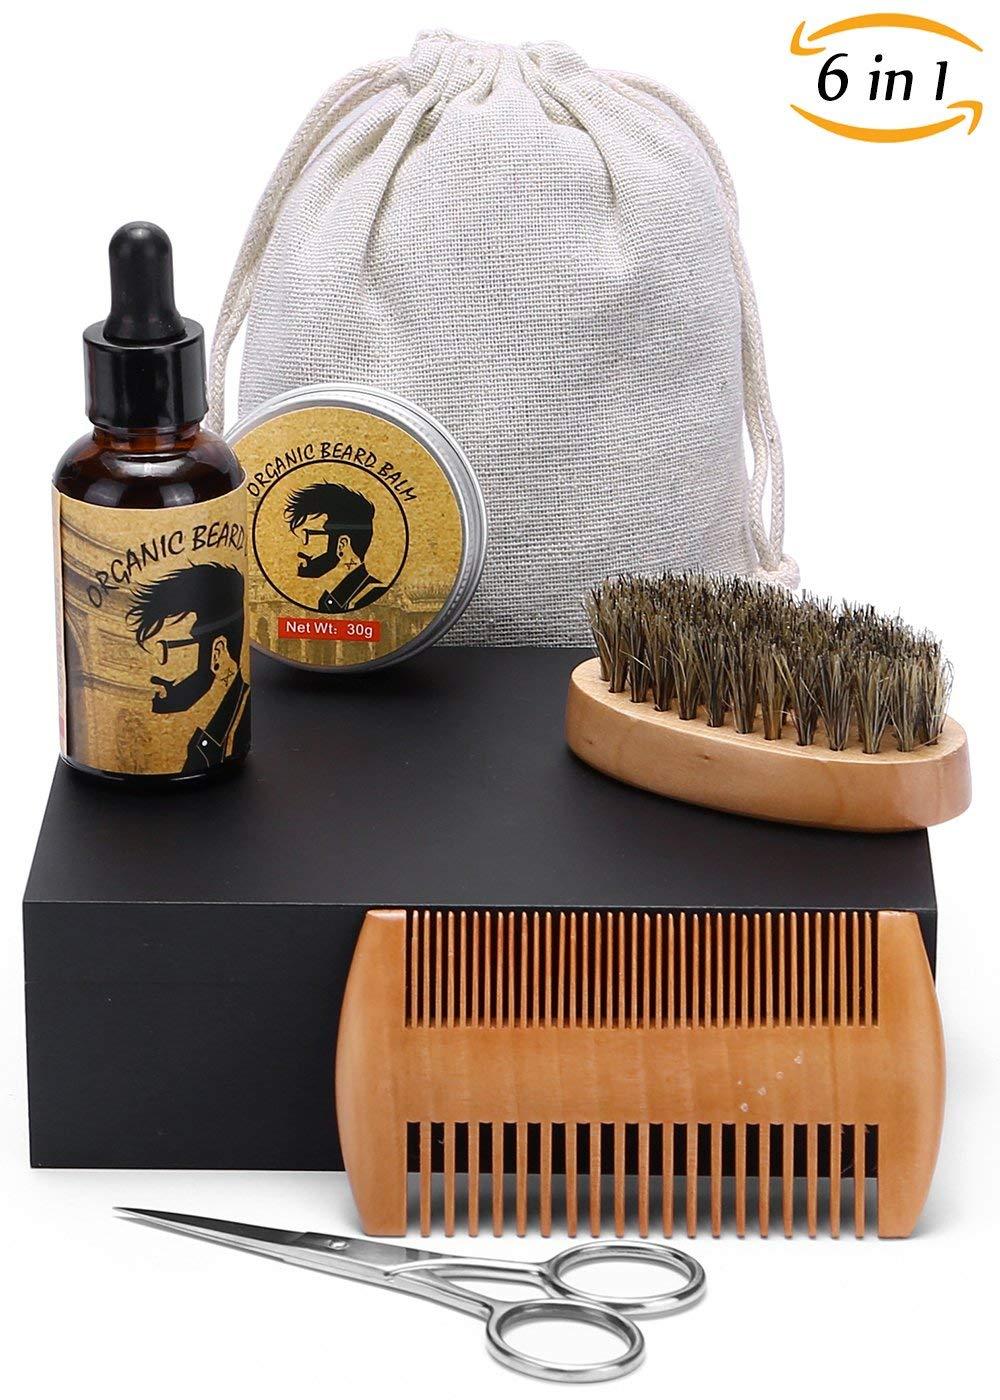 HappyCoCo Barba y bigote y estética Kit-Barba y estética y el recorte fijado para el Cuidado de los hombres de Viking-Barba aceite, de viaje y la caja de madera incluida